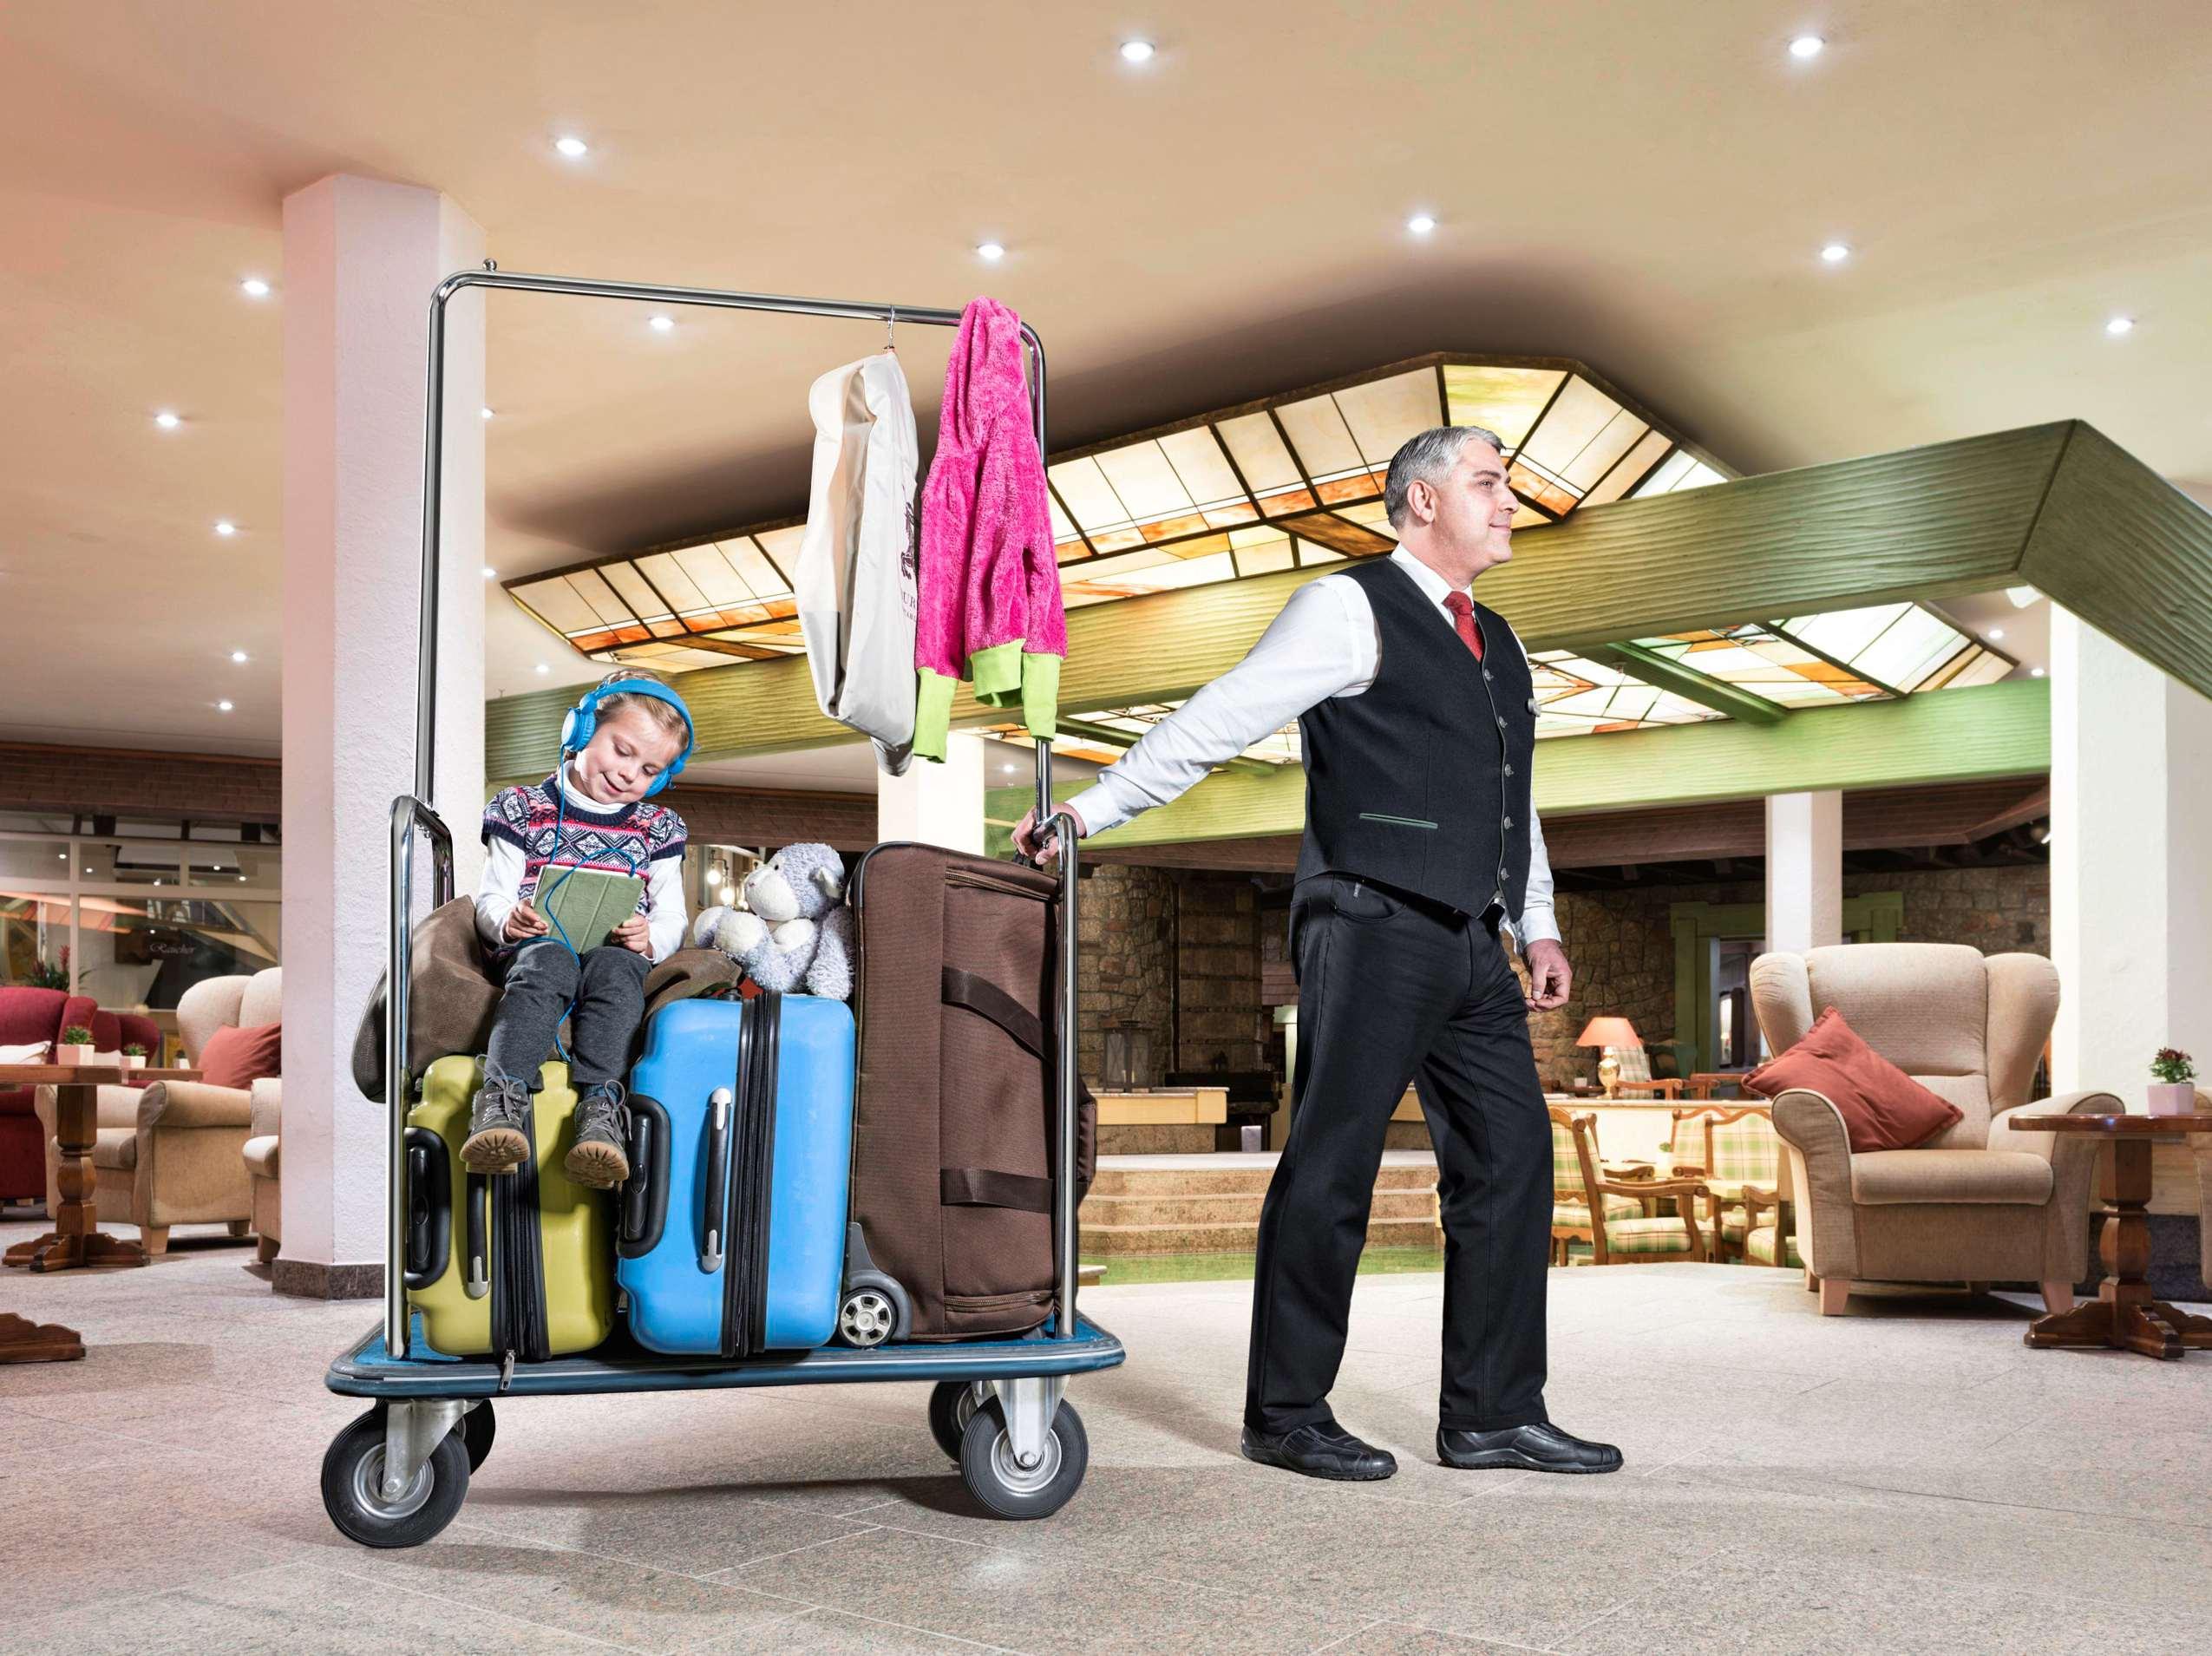 Page zieht Mädchen auf Kofferwagen durch die Lobby